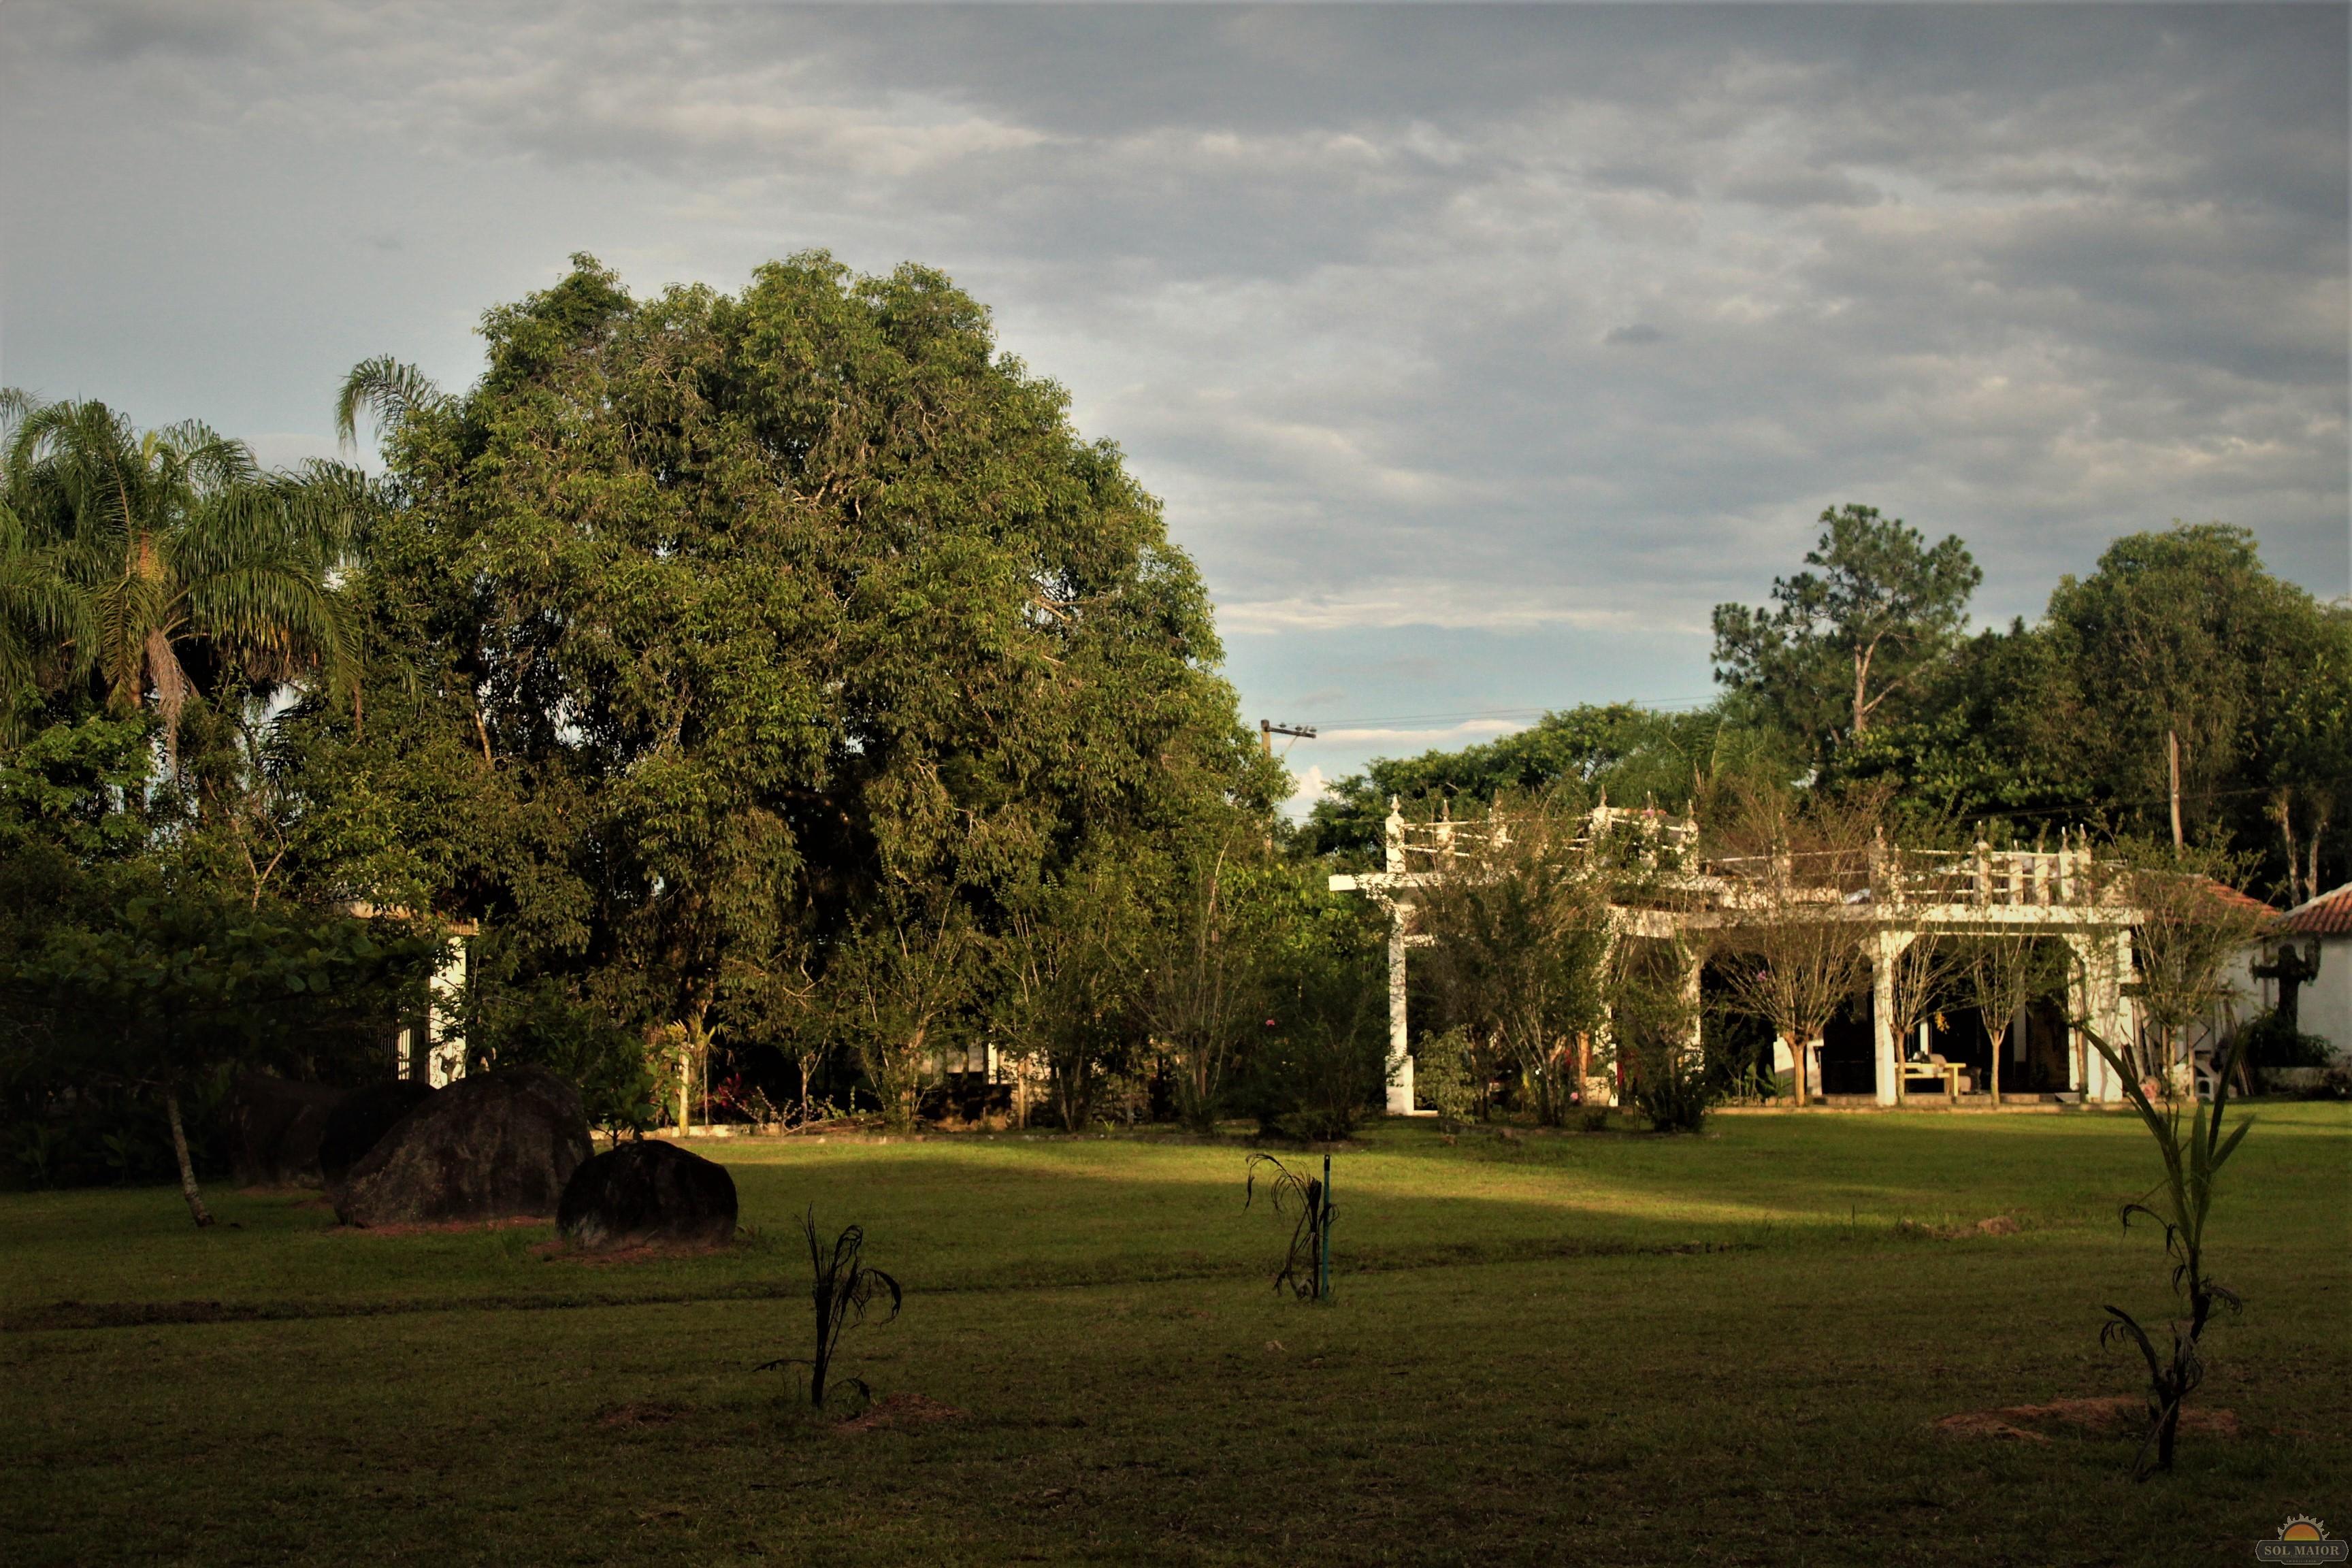 Chácara na Armando Cunha - Referencia  1377 em  Peruibe       Sol Maior Imóveis Peruíbe - Imobiliária em Peruíbe. Casas, Apartamentos, Terrenos, Condomínios, Comerciais e Áreas.